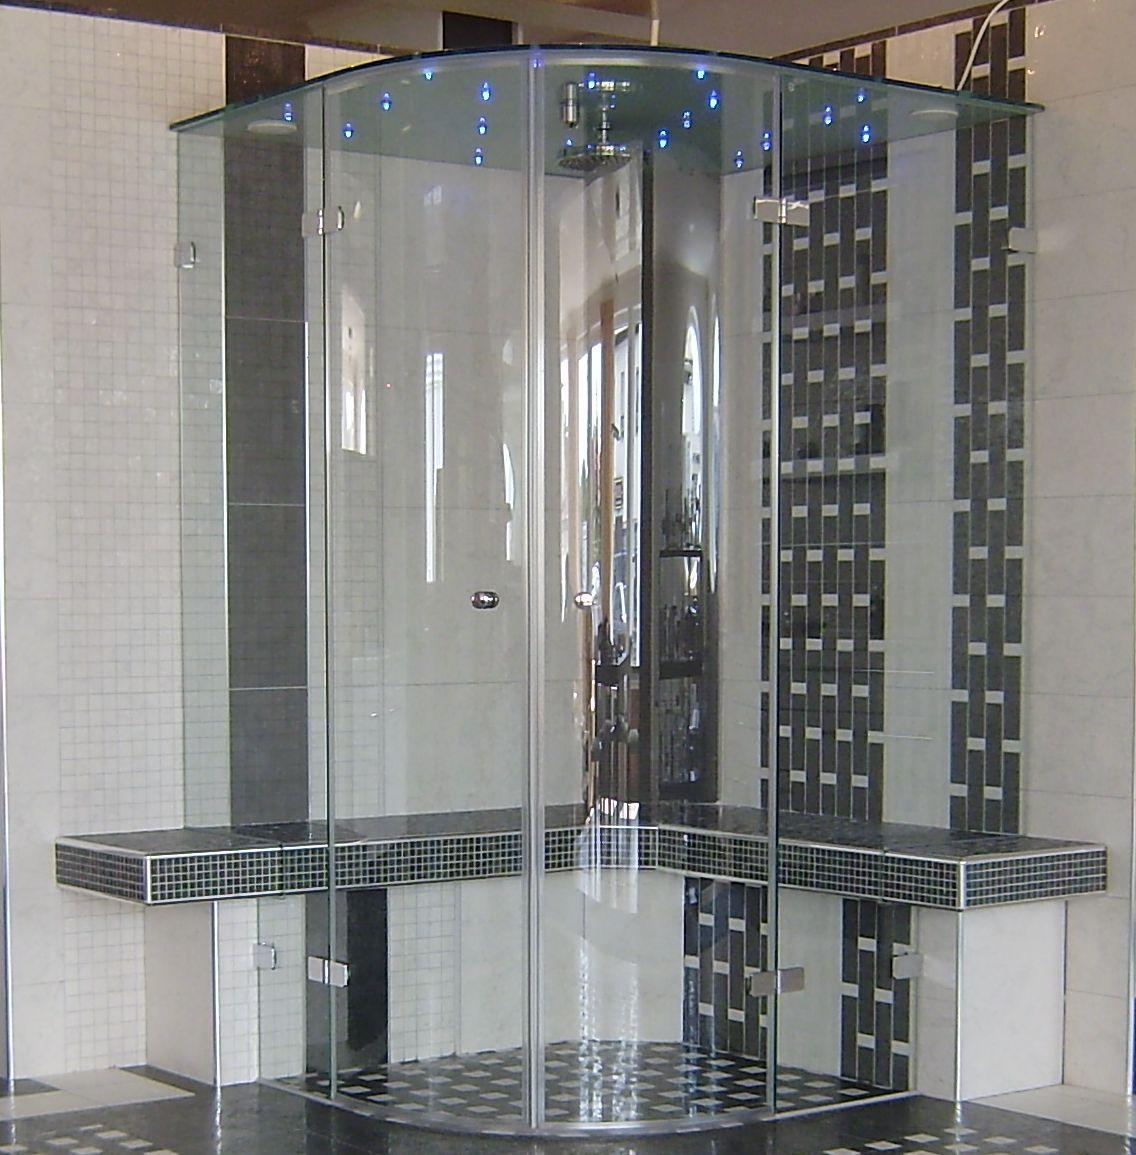 duschwanne bodeneben einbauen wird im folgenden die montage einer duschkabine mit eckeinstieg. Black Bedroom Furniture Sets. Home Design Ideas